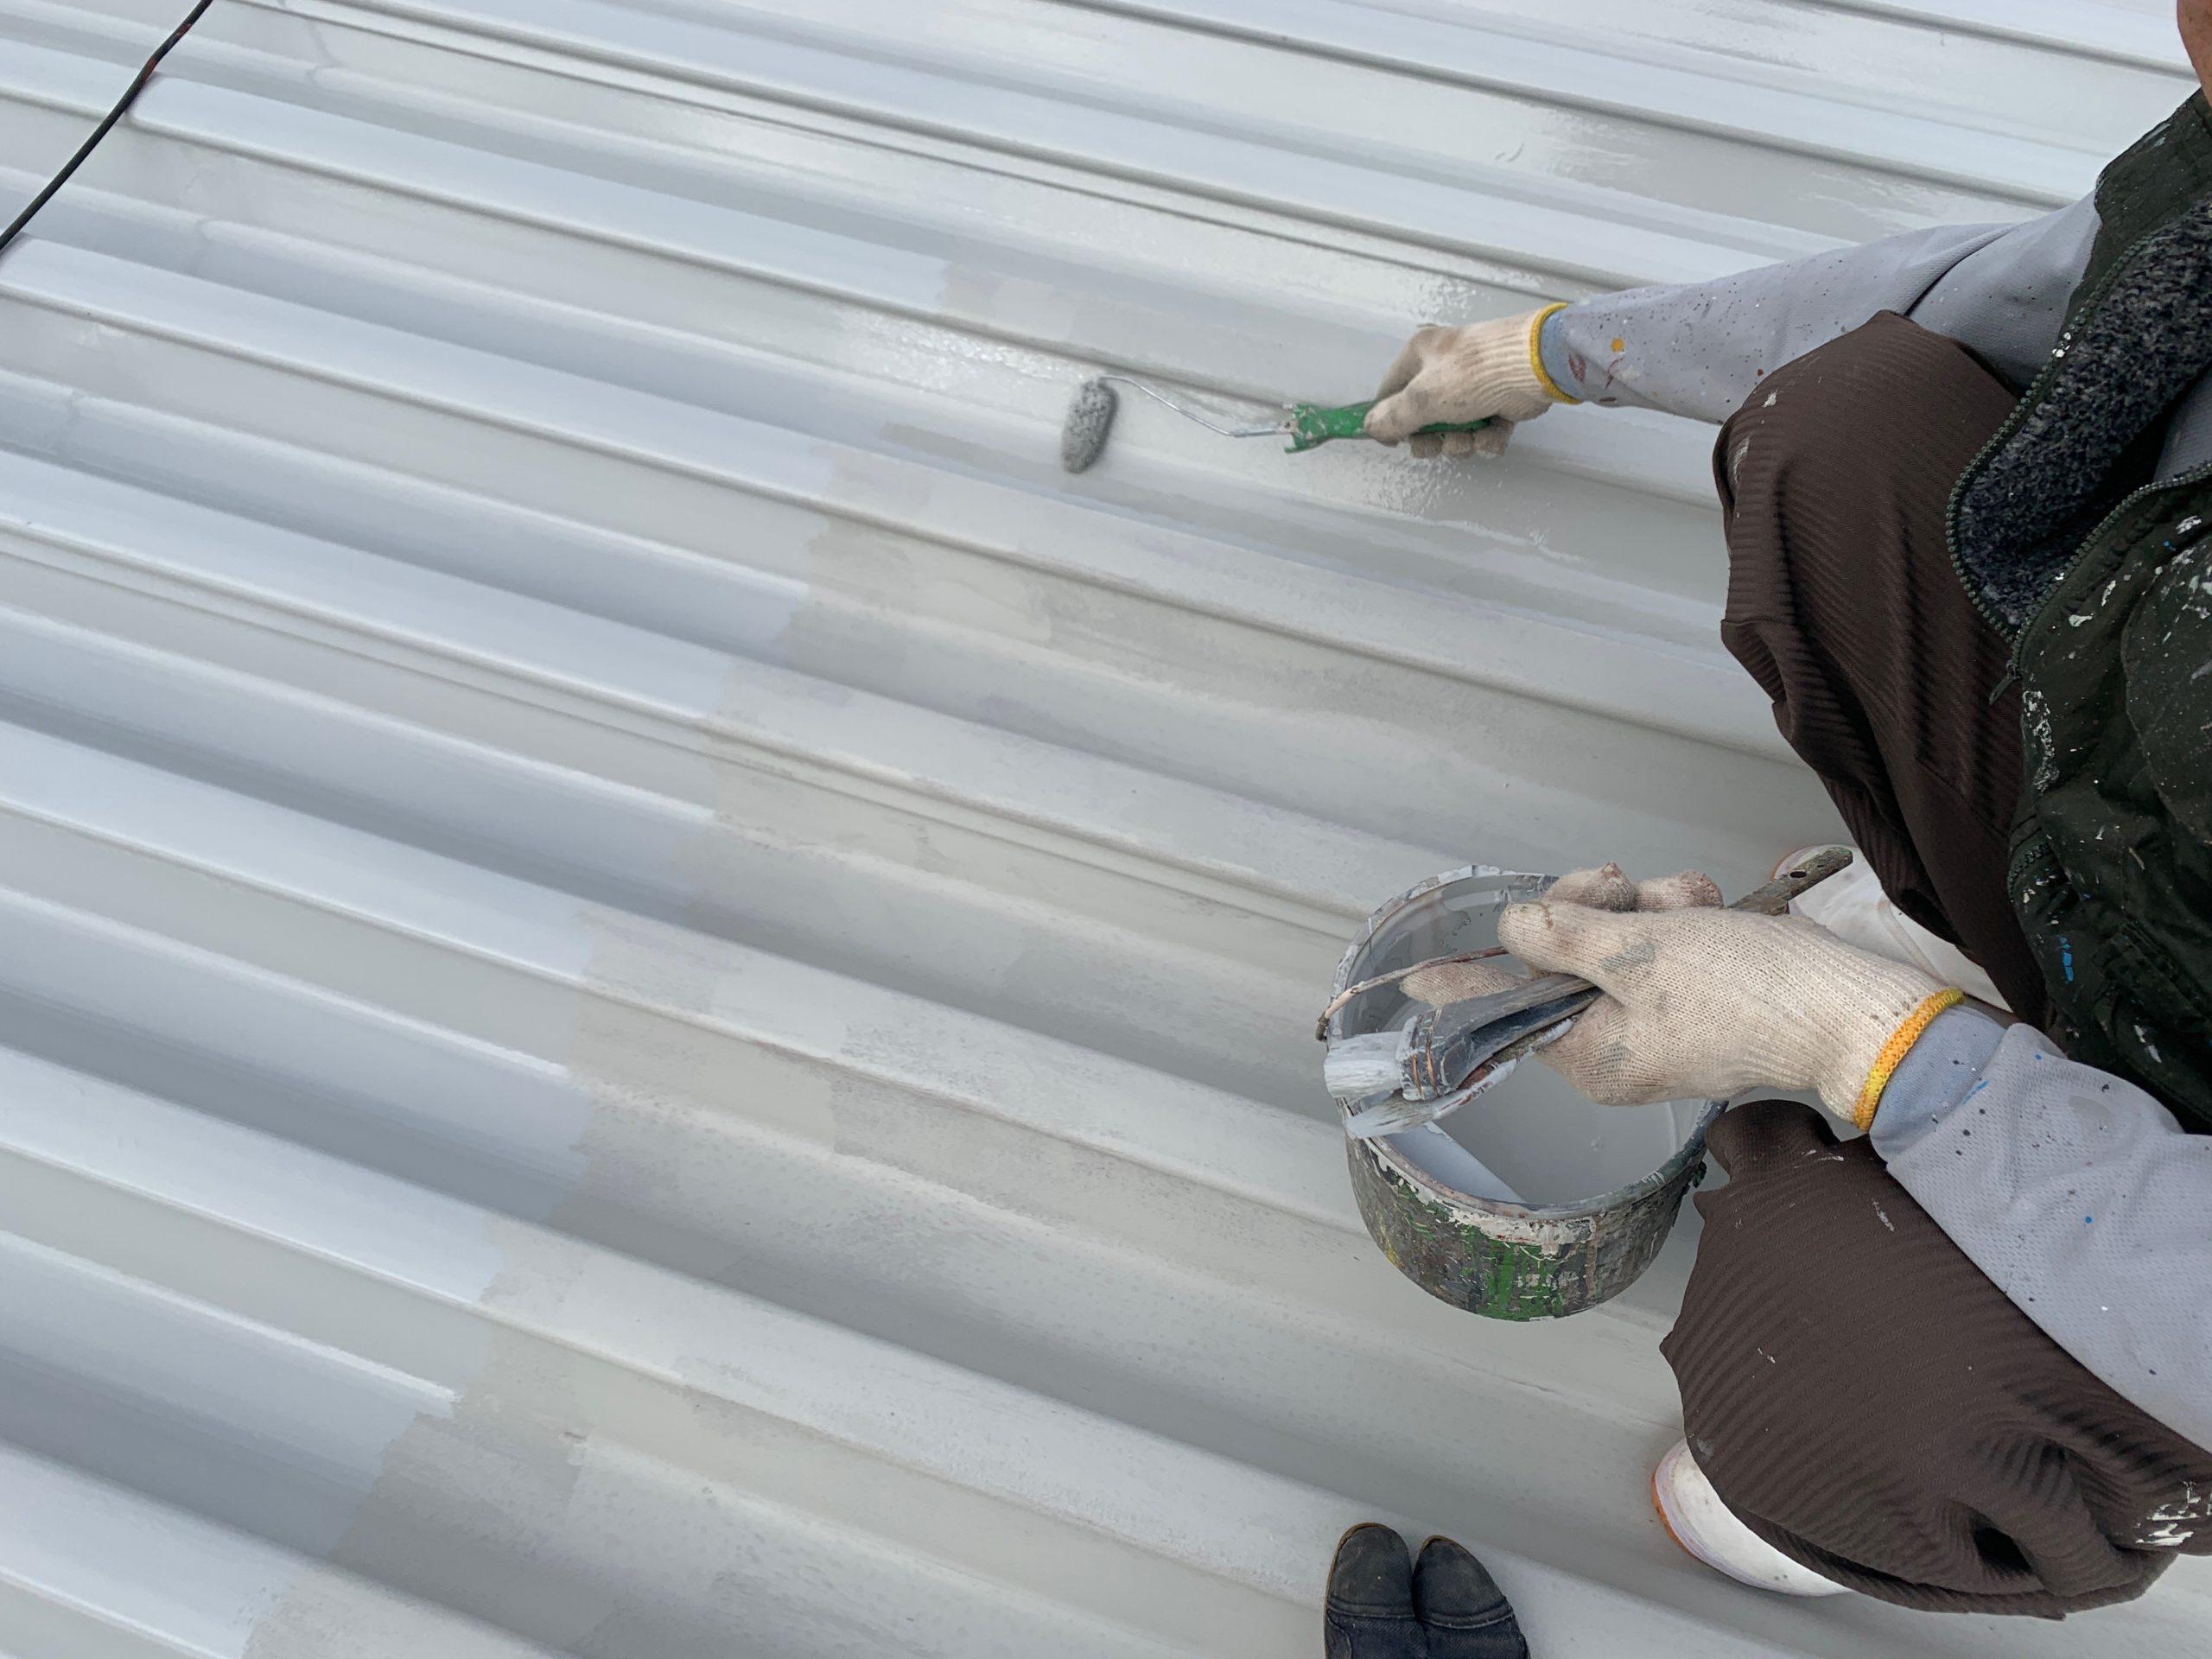 外壁塗装 佐賀 屋根 金属 サビ 塗装 サビ止め塗装 中塗り